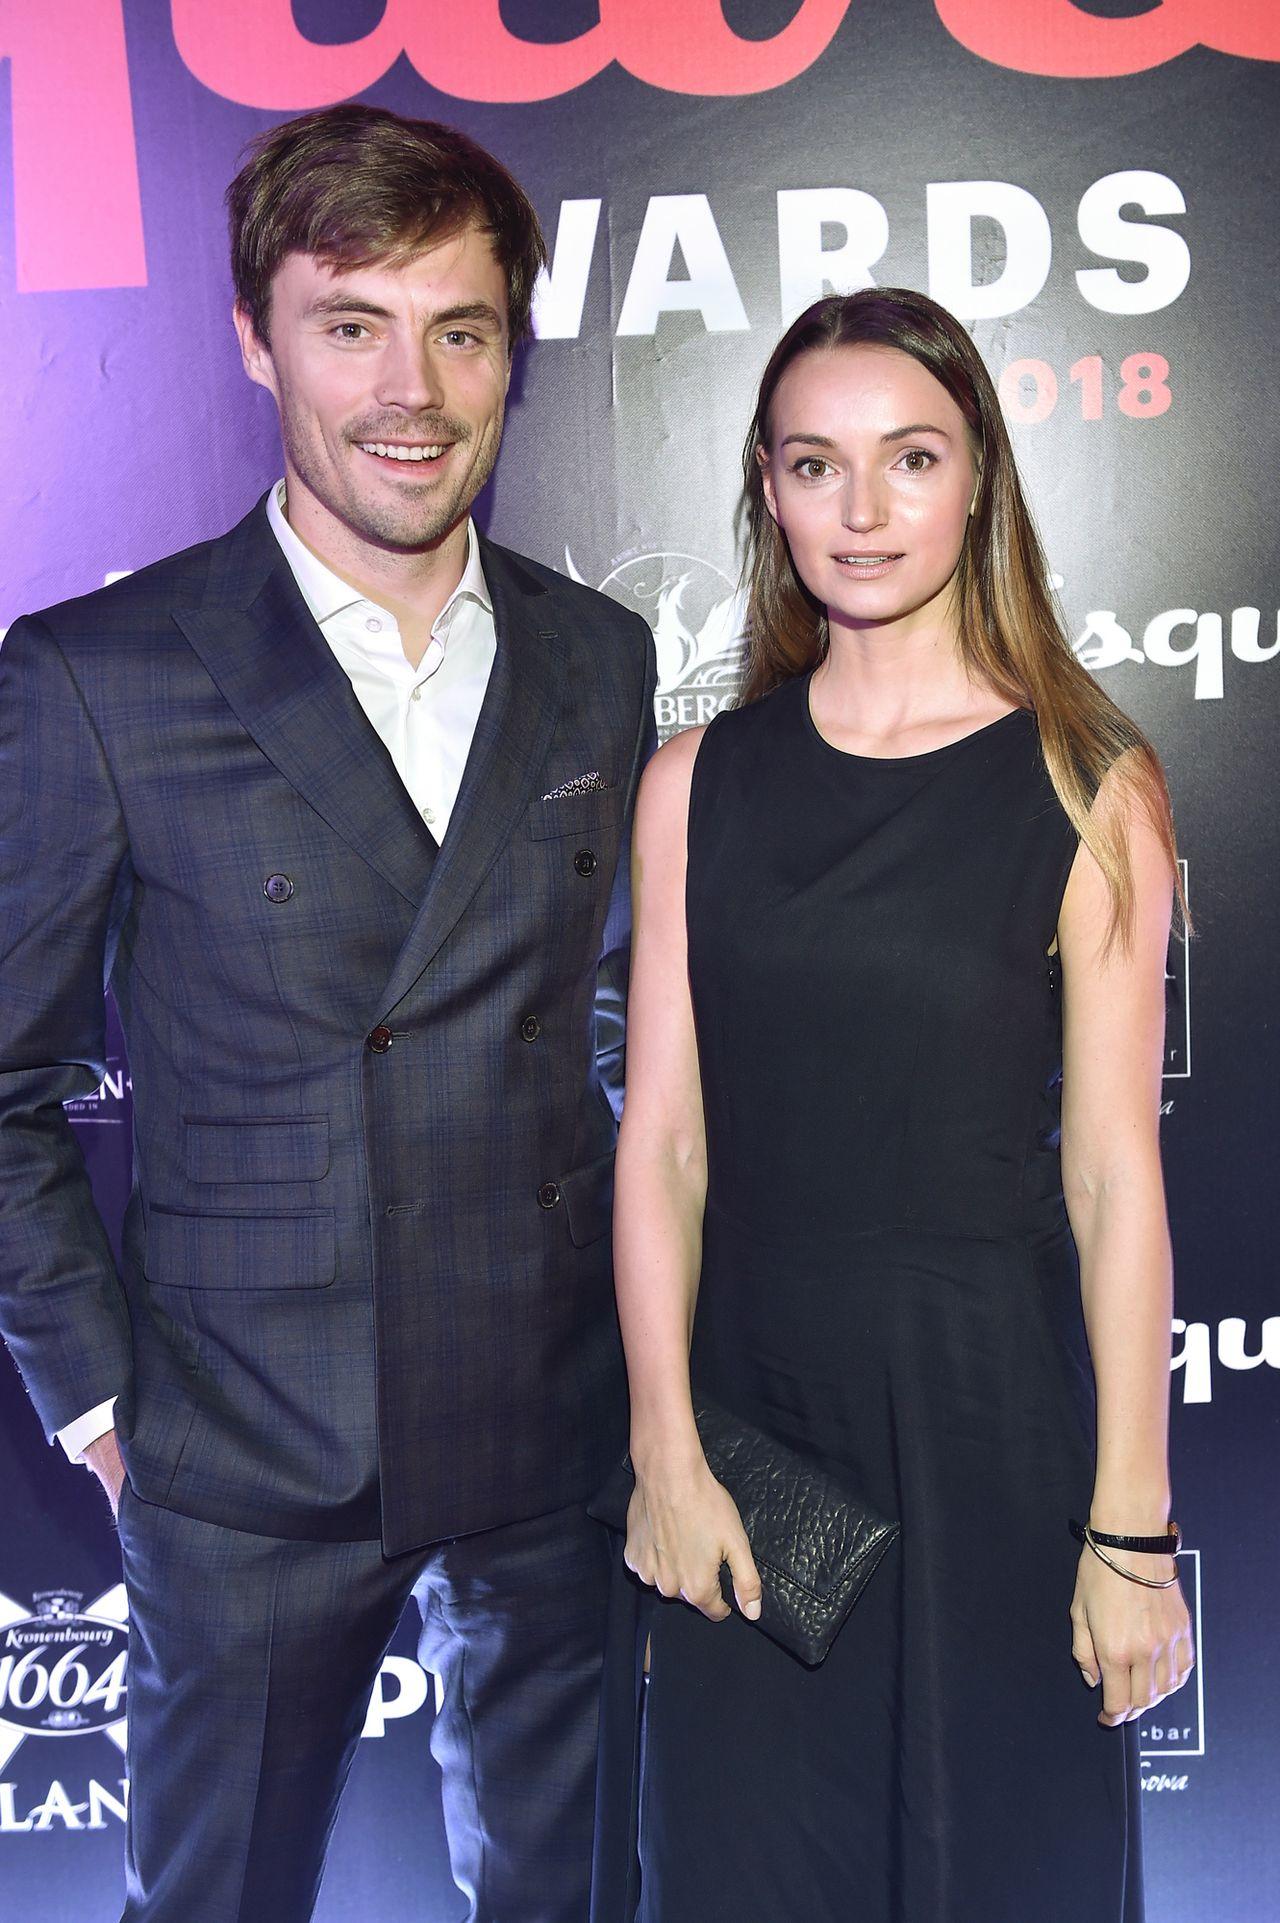 Tomasz Kot, Marcin Prokop, Kuba Przygoński ze statuetkami Esquire Awards